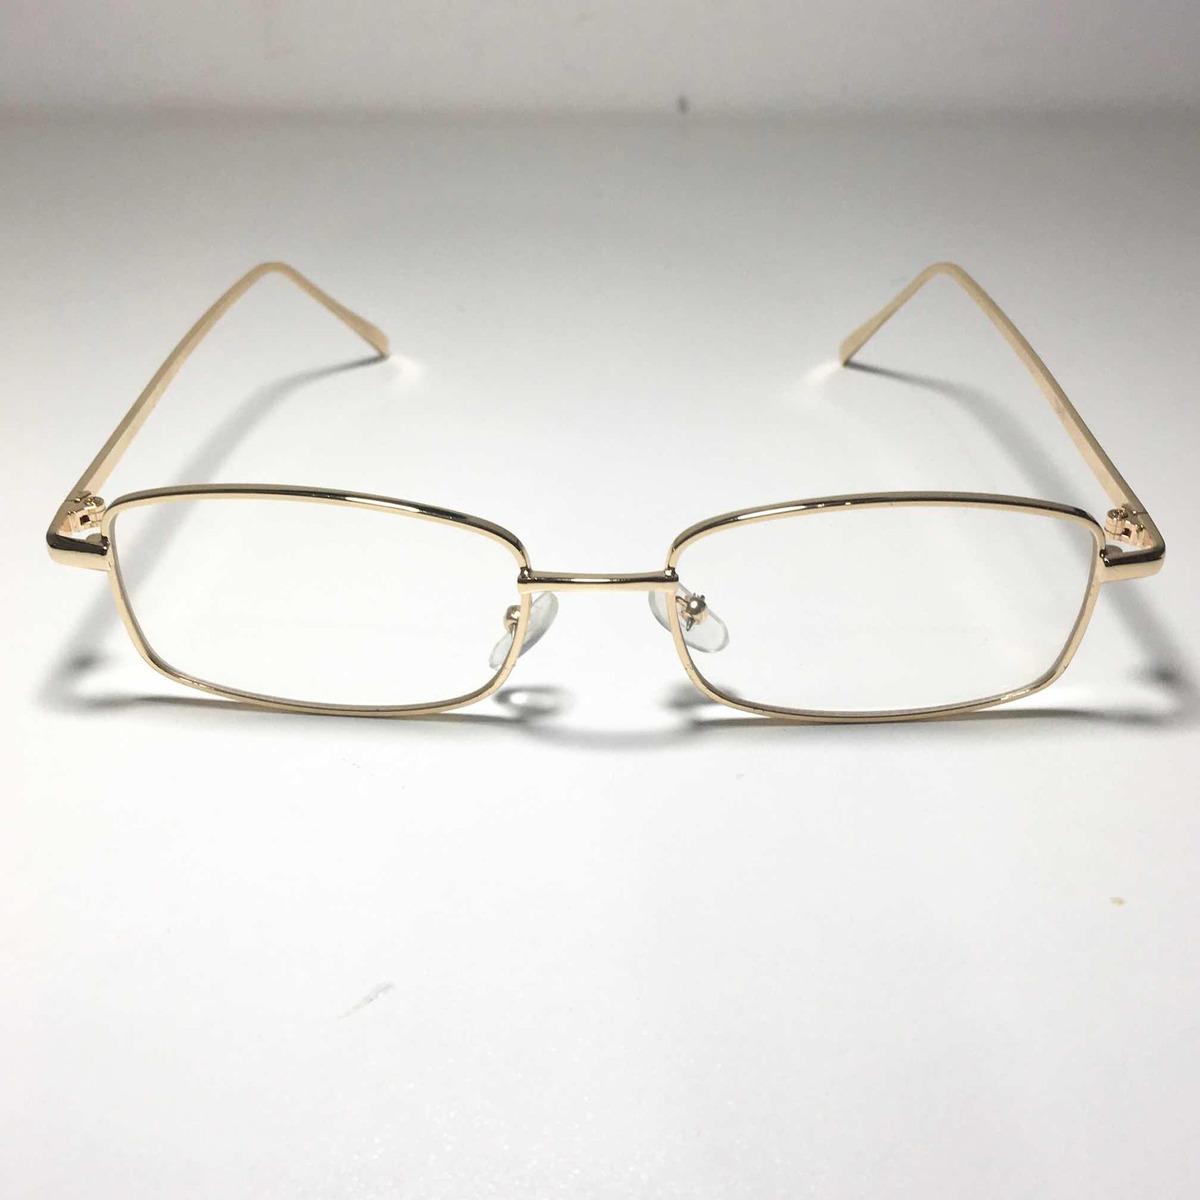 1c31ce027ca8b óculos quadrado fino retro vintage dourado armação. Carregando zoom.